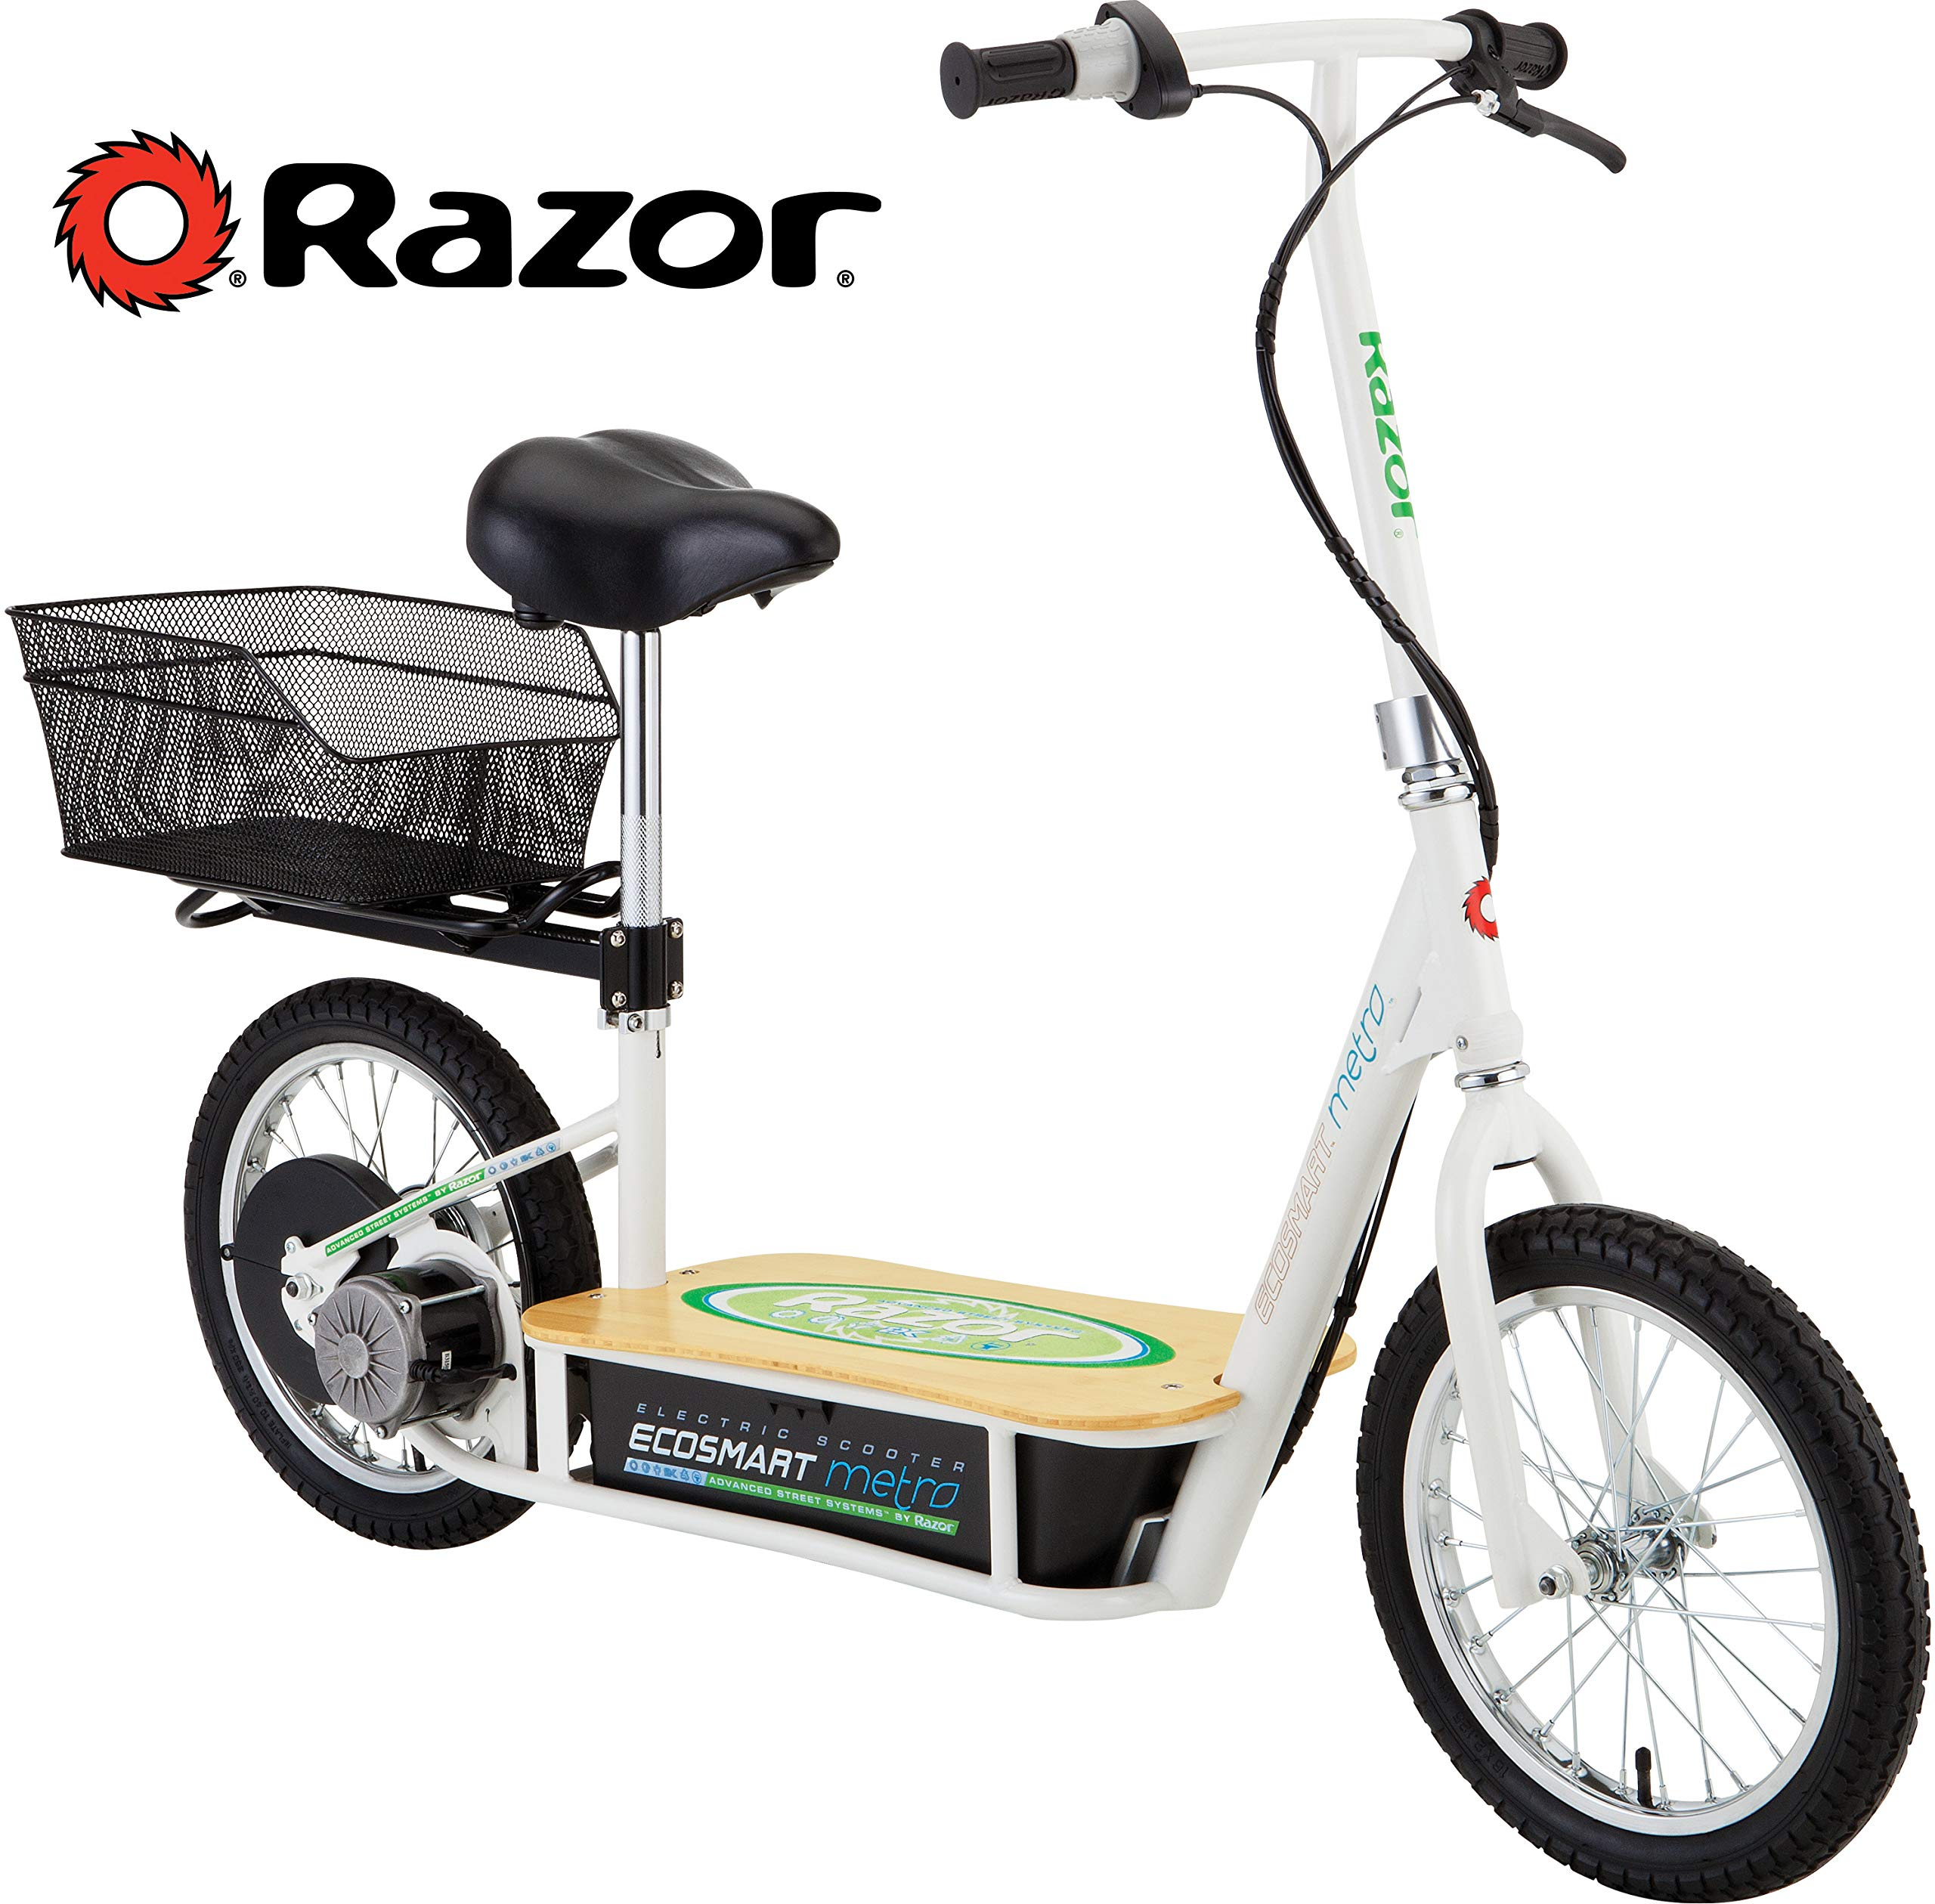 Razor EcoSmart Metro Electric Scooter by Razor